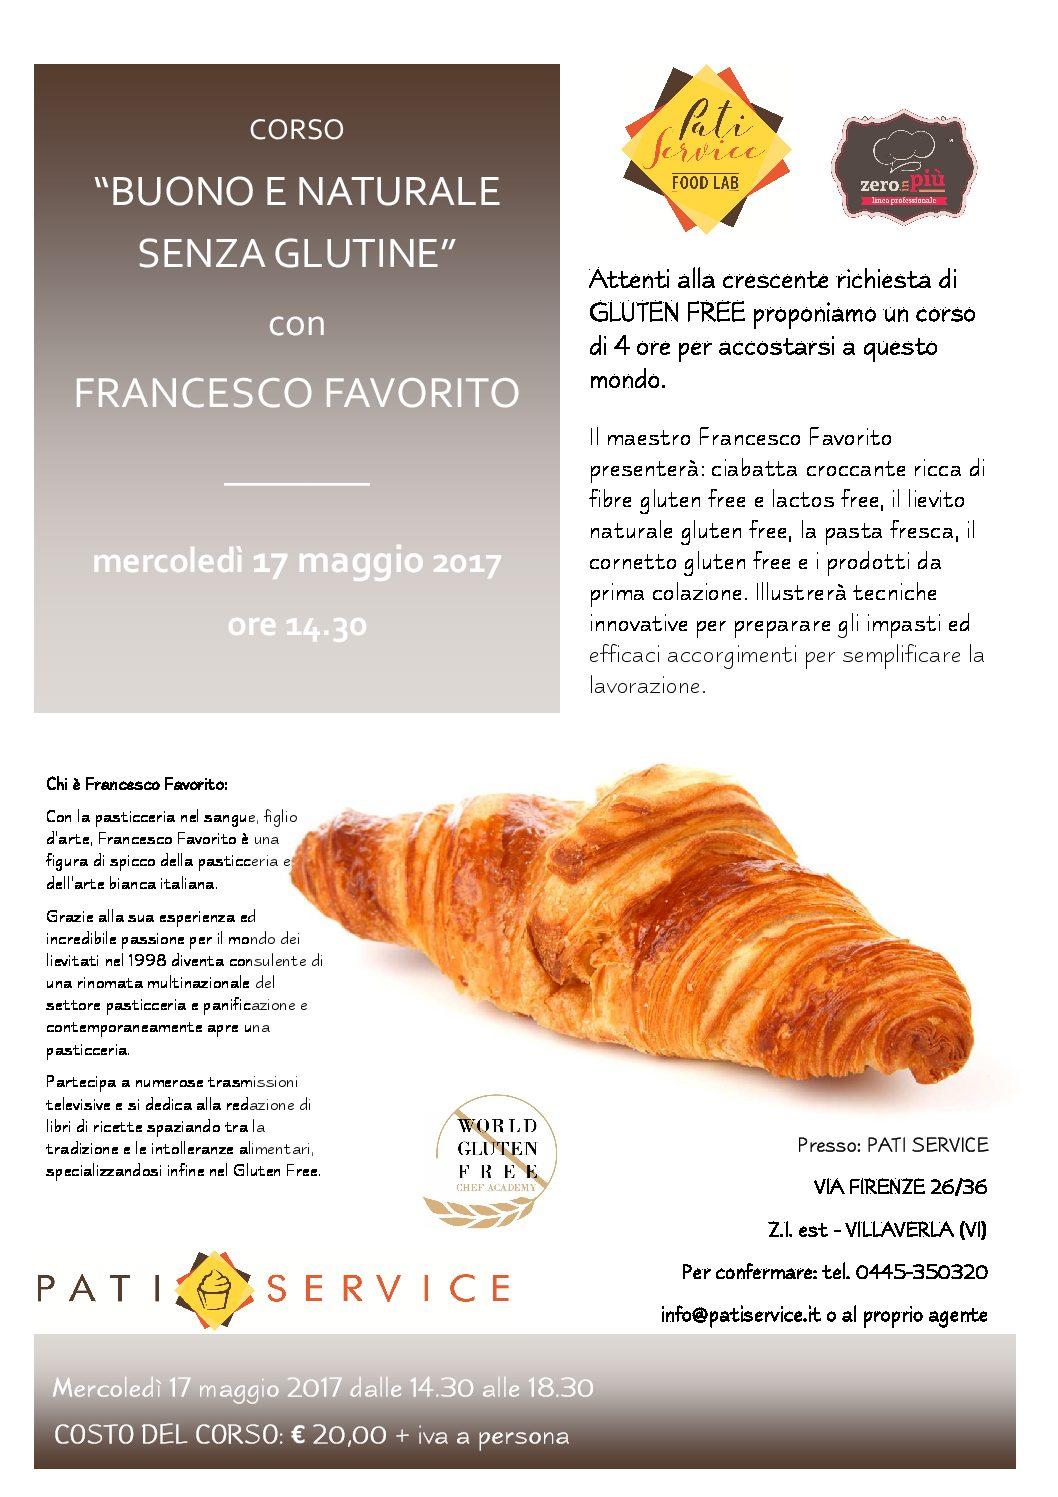 """Gluten Free """"BUONO E NATURALE SENZA GLUTINE"""" / 17 MAGGIO 2017 A  #C39908 1058 1497 Cucina Mediterranea Senza Glutine Pdf"""